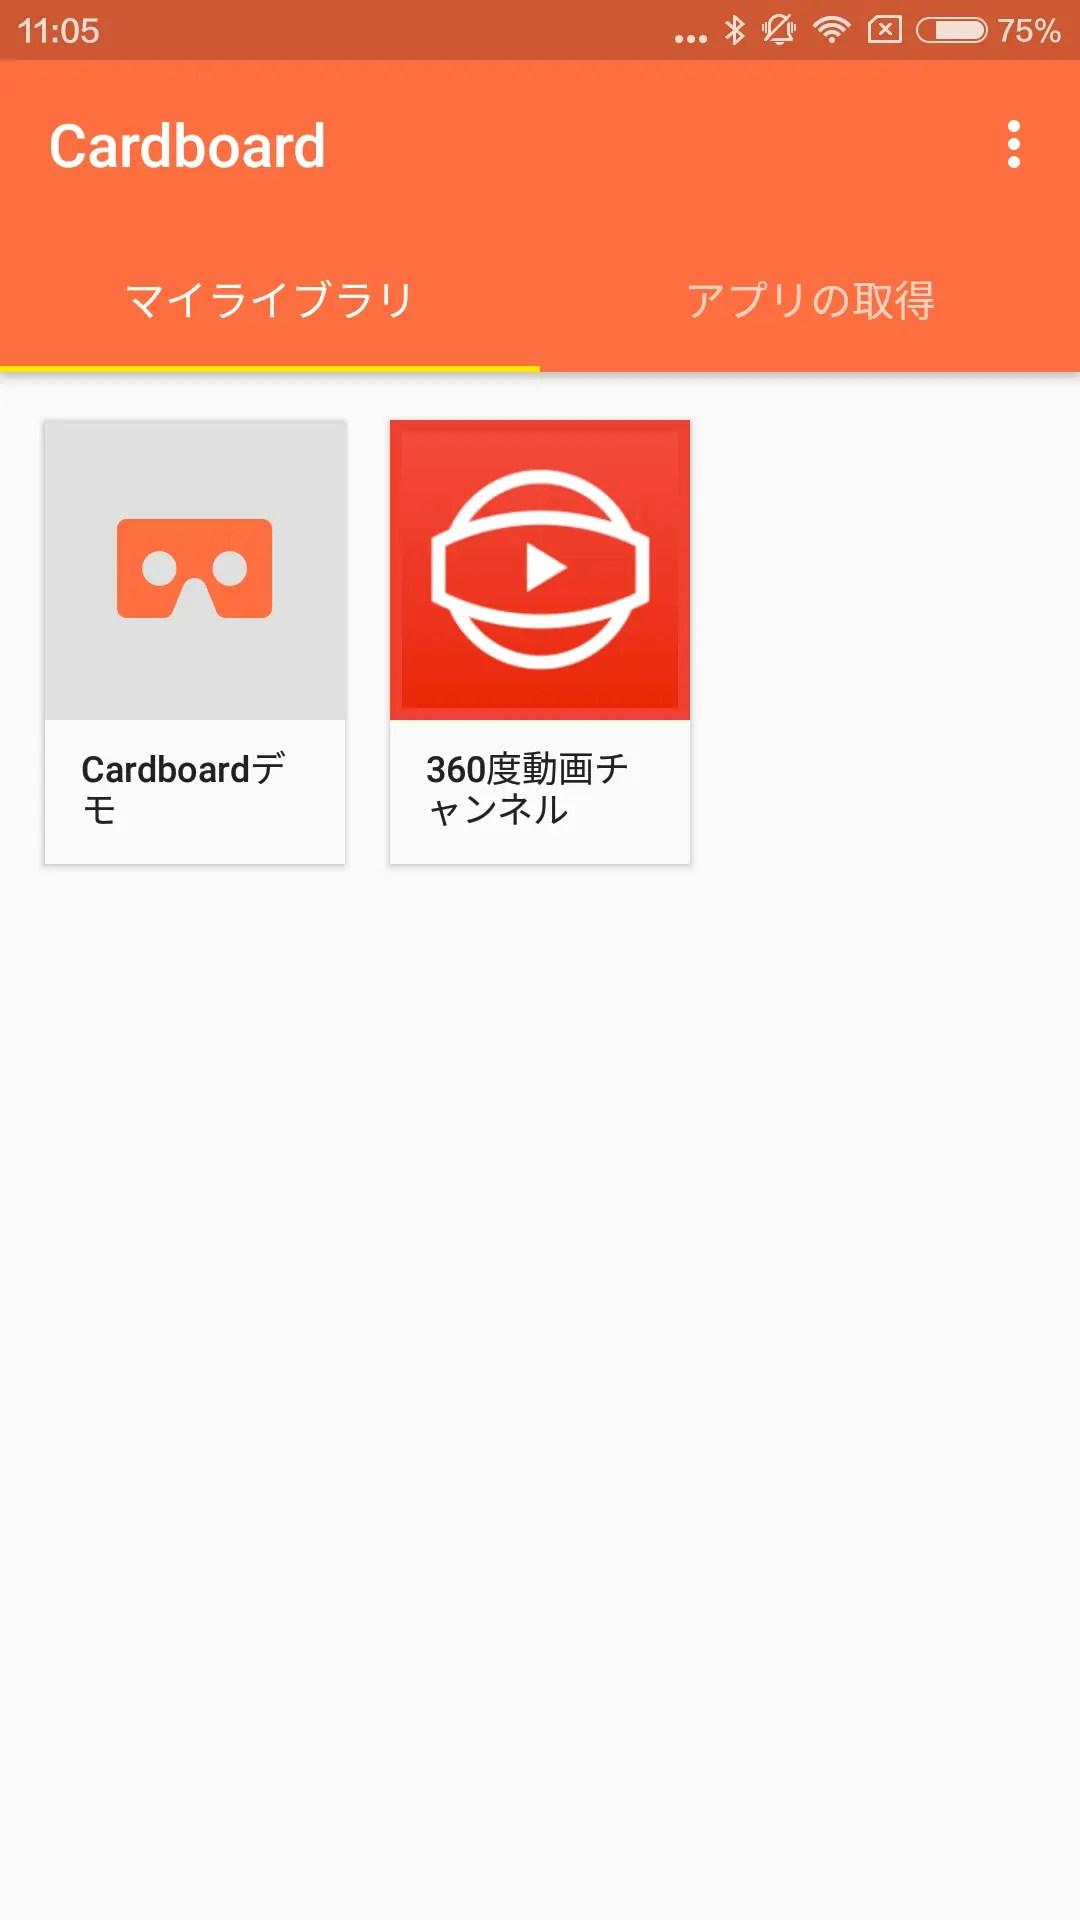 セットアップ後のCardboardアプリの画面